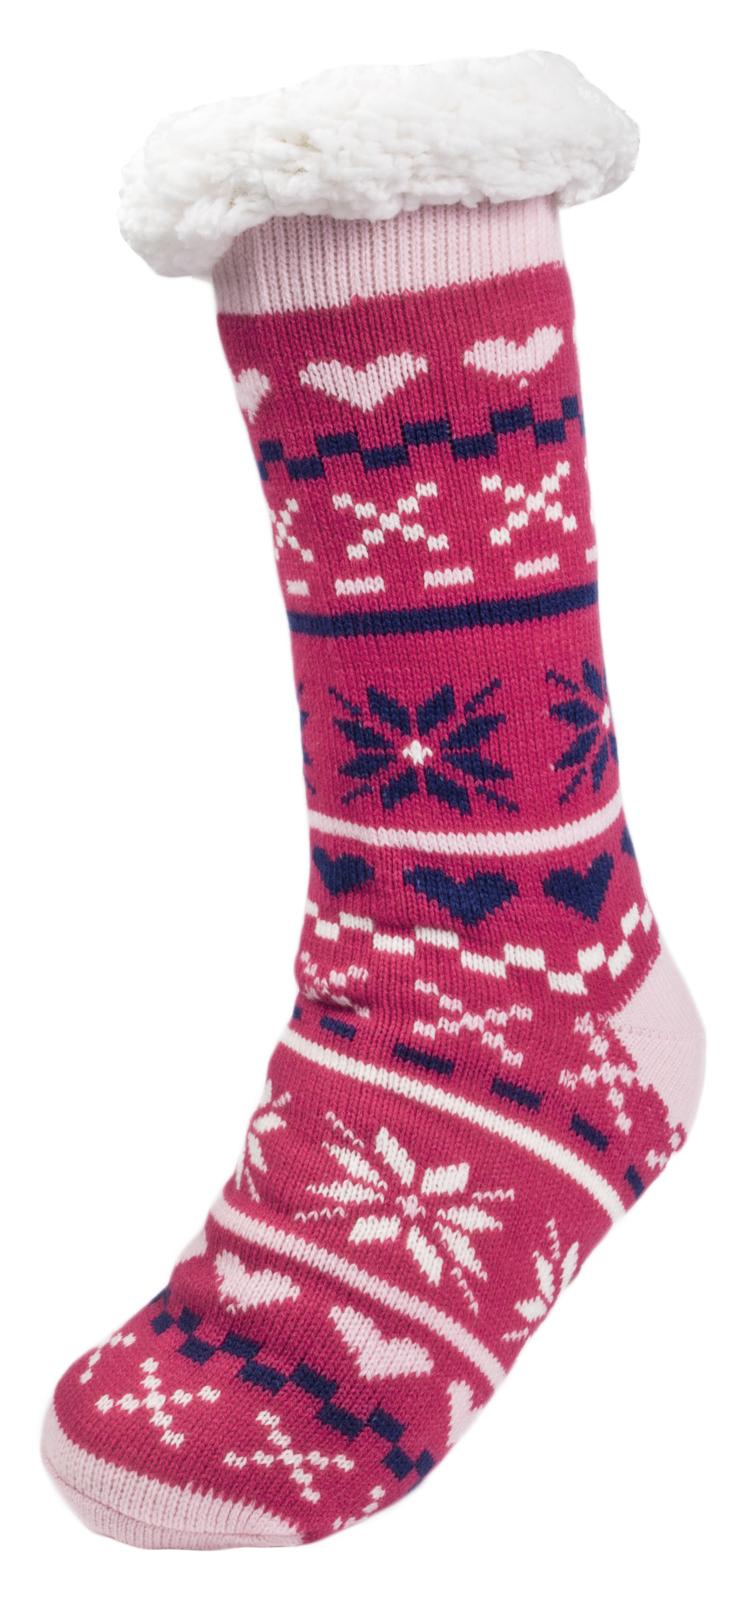 Para mujeres Damas Niñas niños Piel Forrada Zapatilla Calcetines Botas al tobillo Botines Size UK 4-7